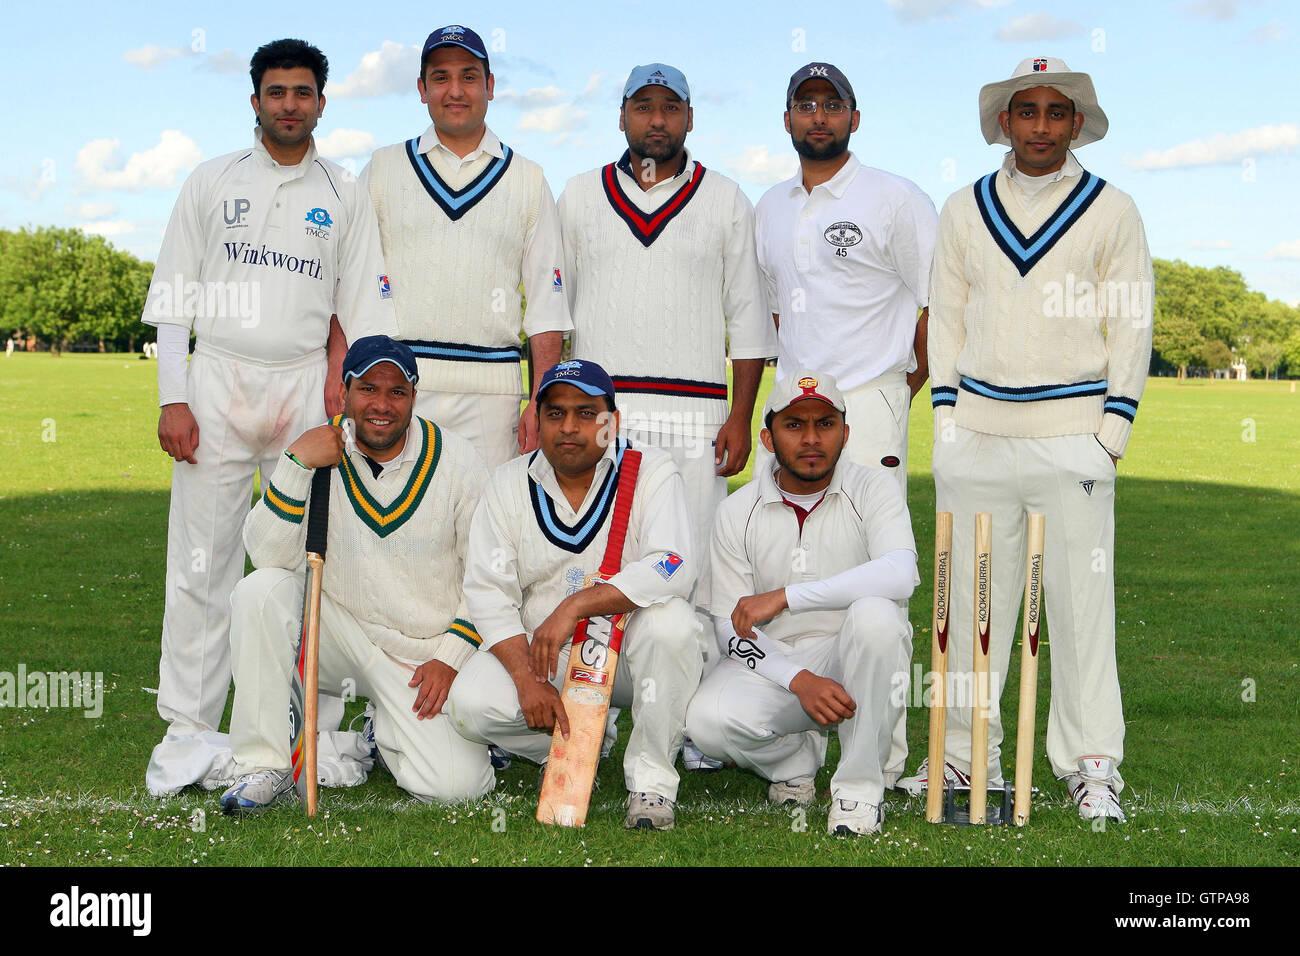 Sky CC - Parque de la victoria de la liga de cricket de la Comunidad - 26/05/09 Imagen De Stock